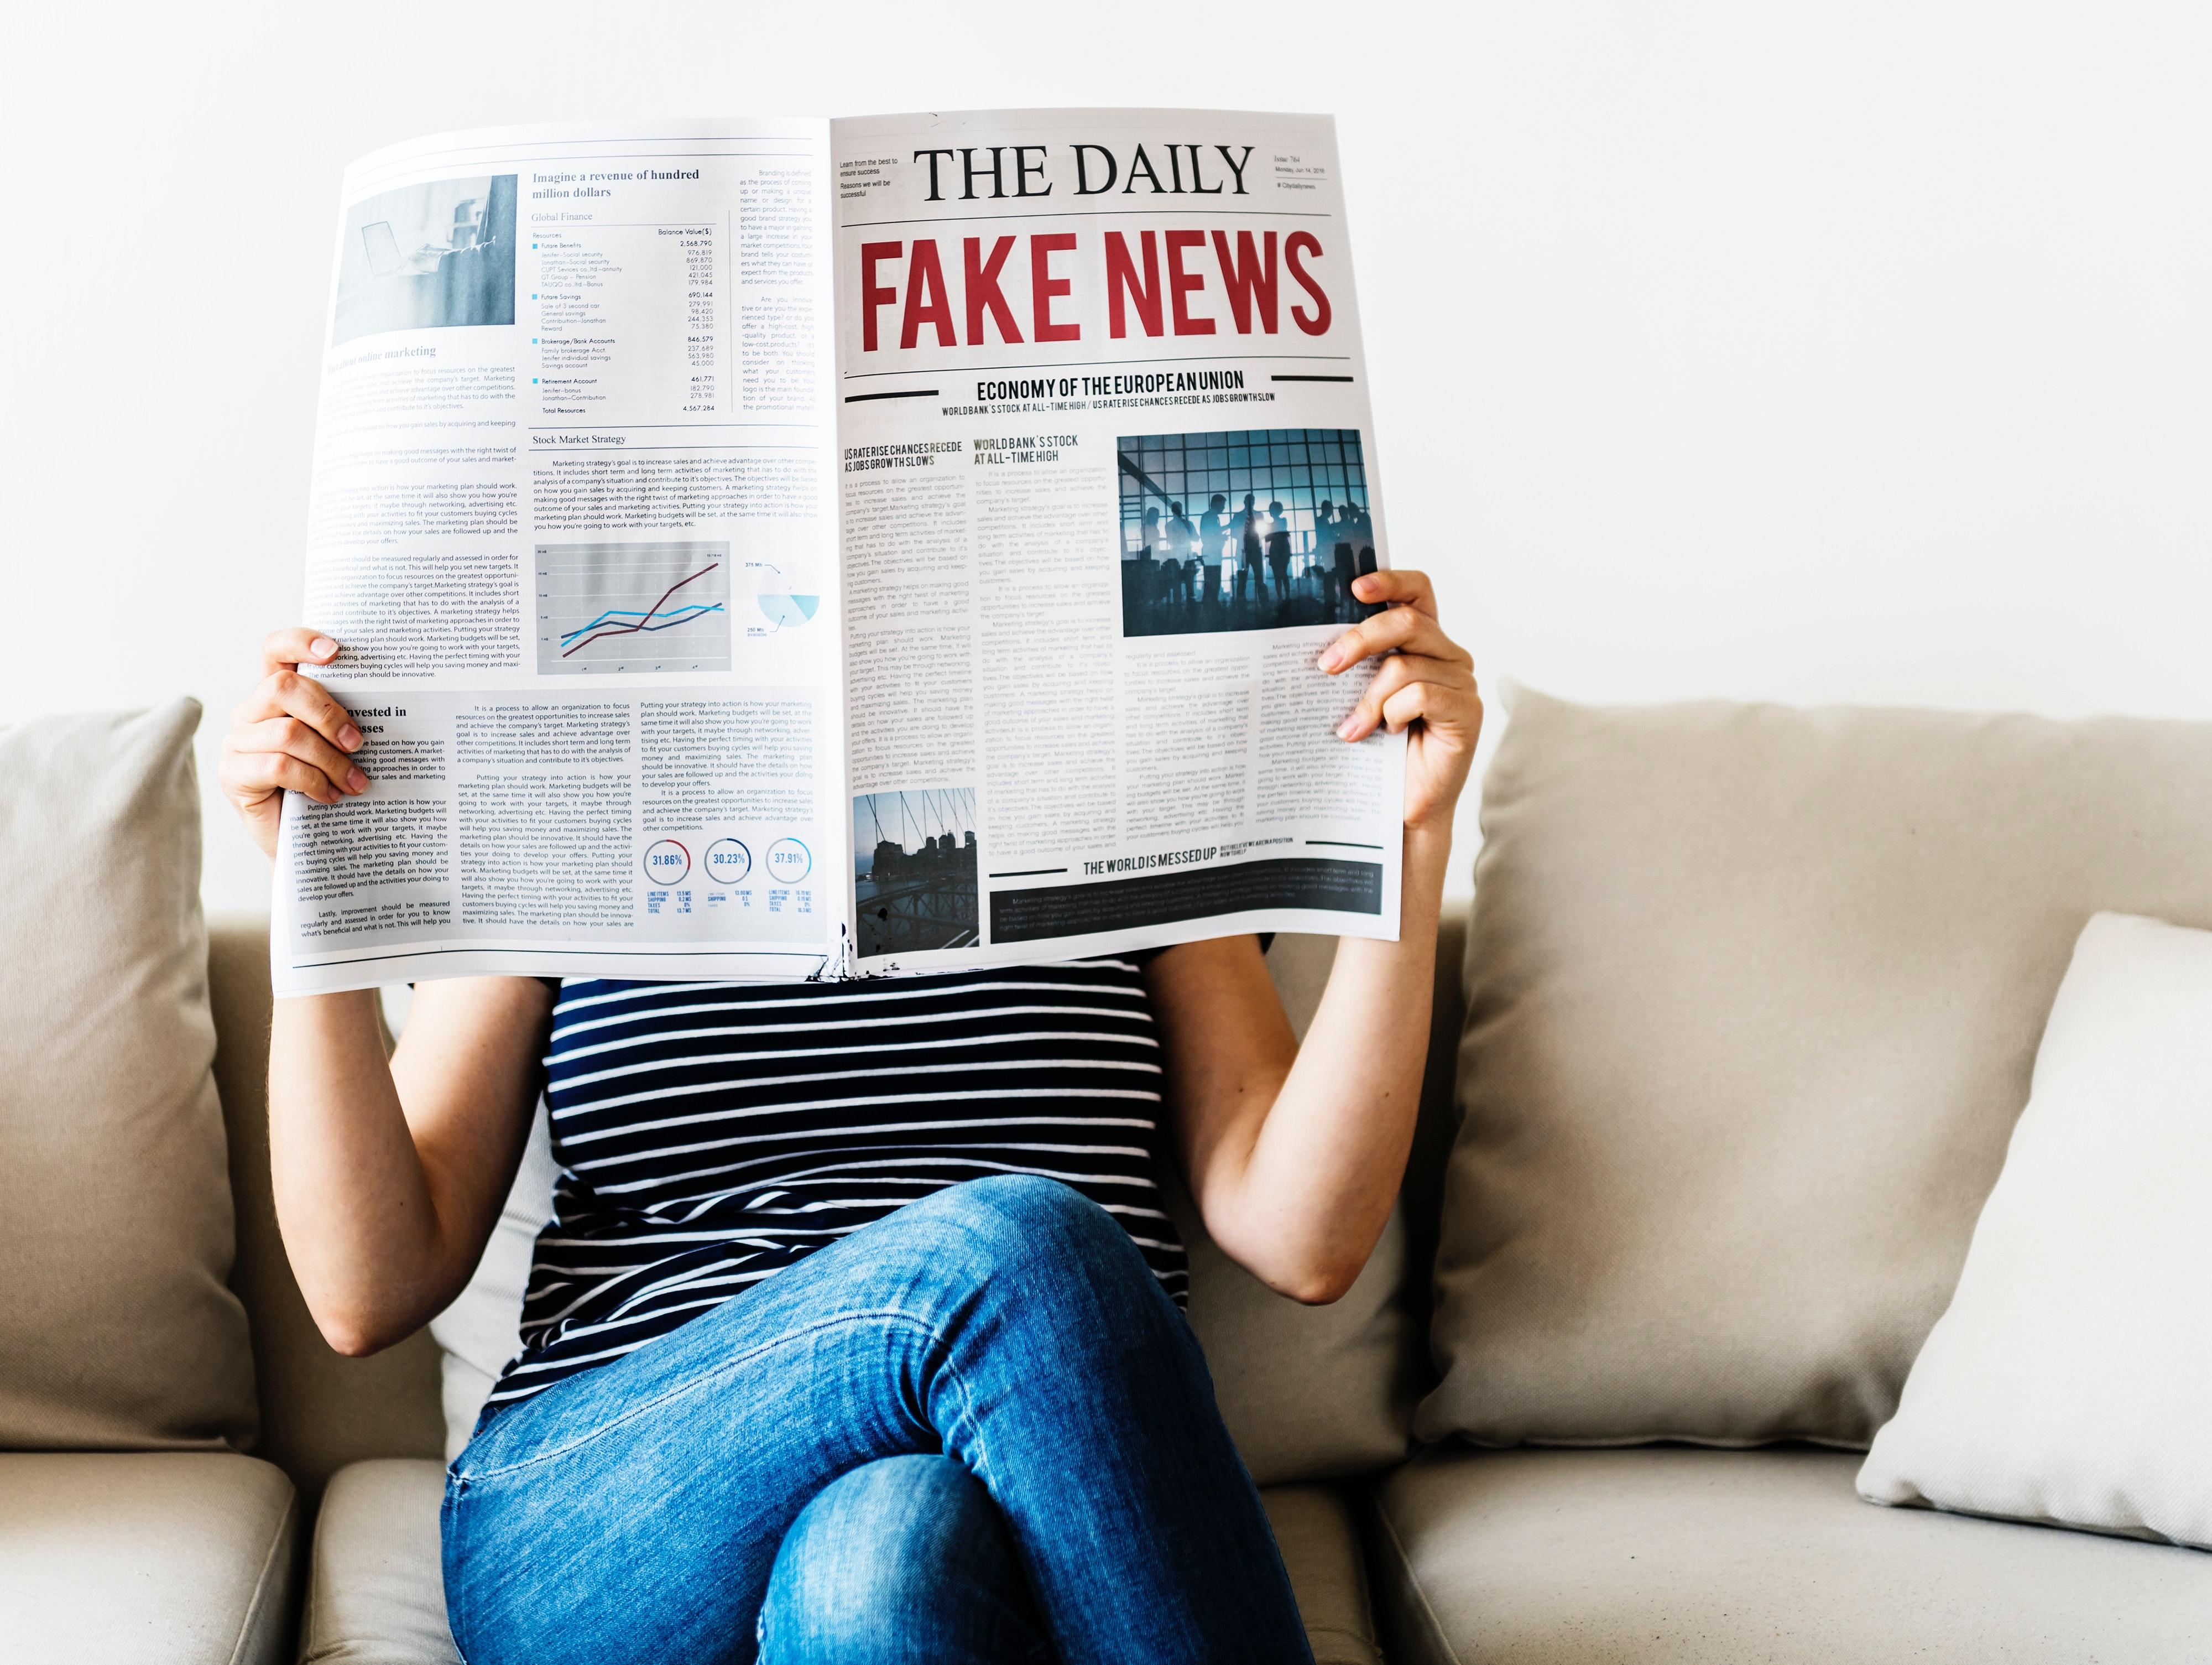 Une usine à fake news antivax en Macédoine